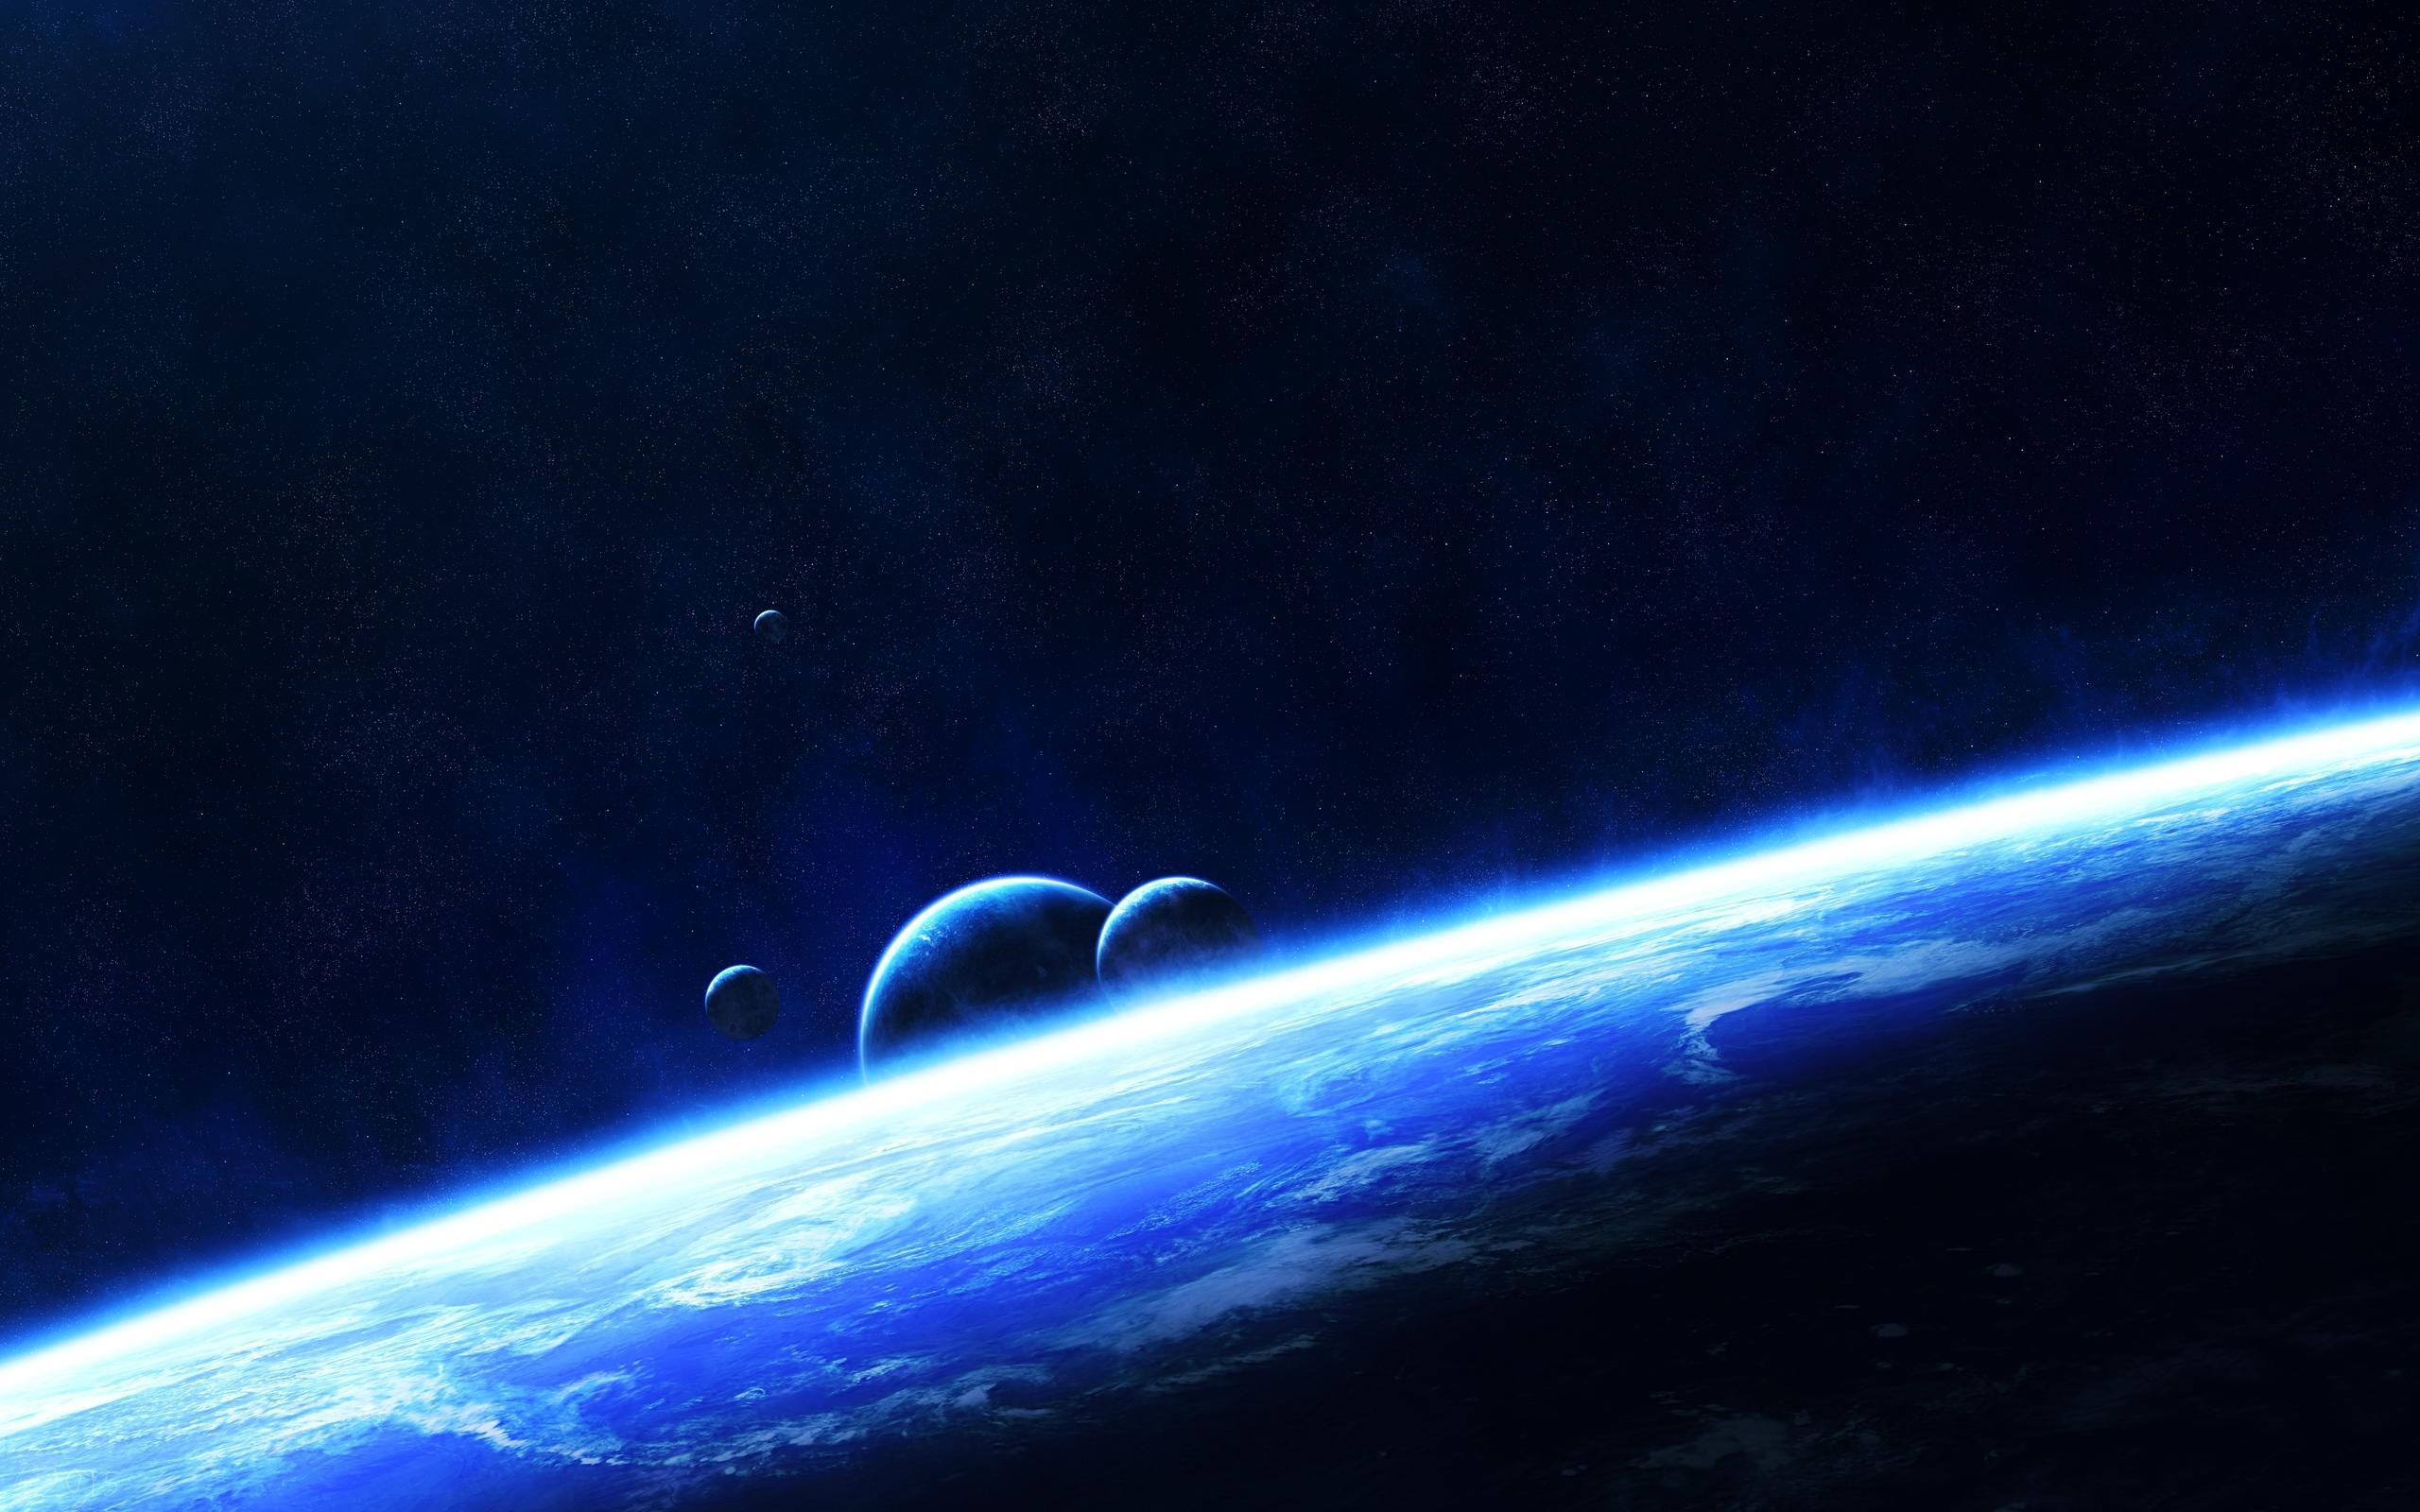 обои космос, планеты, вселенная, галактика картинки фото